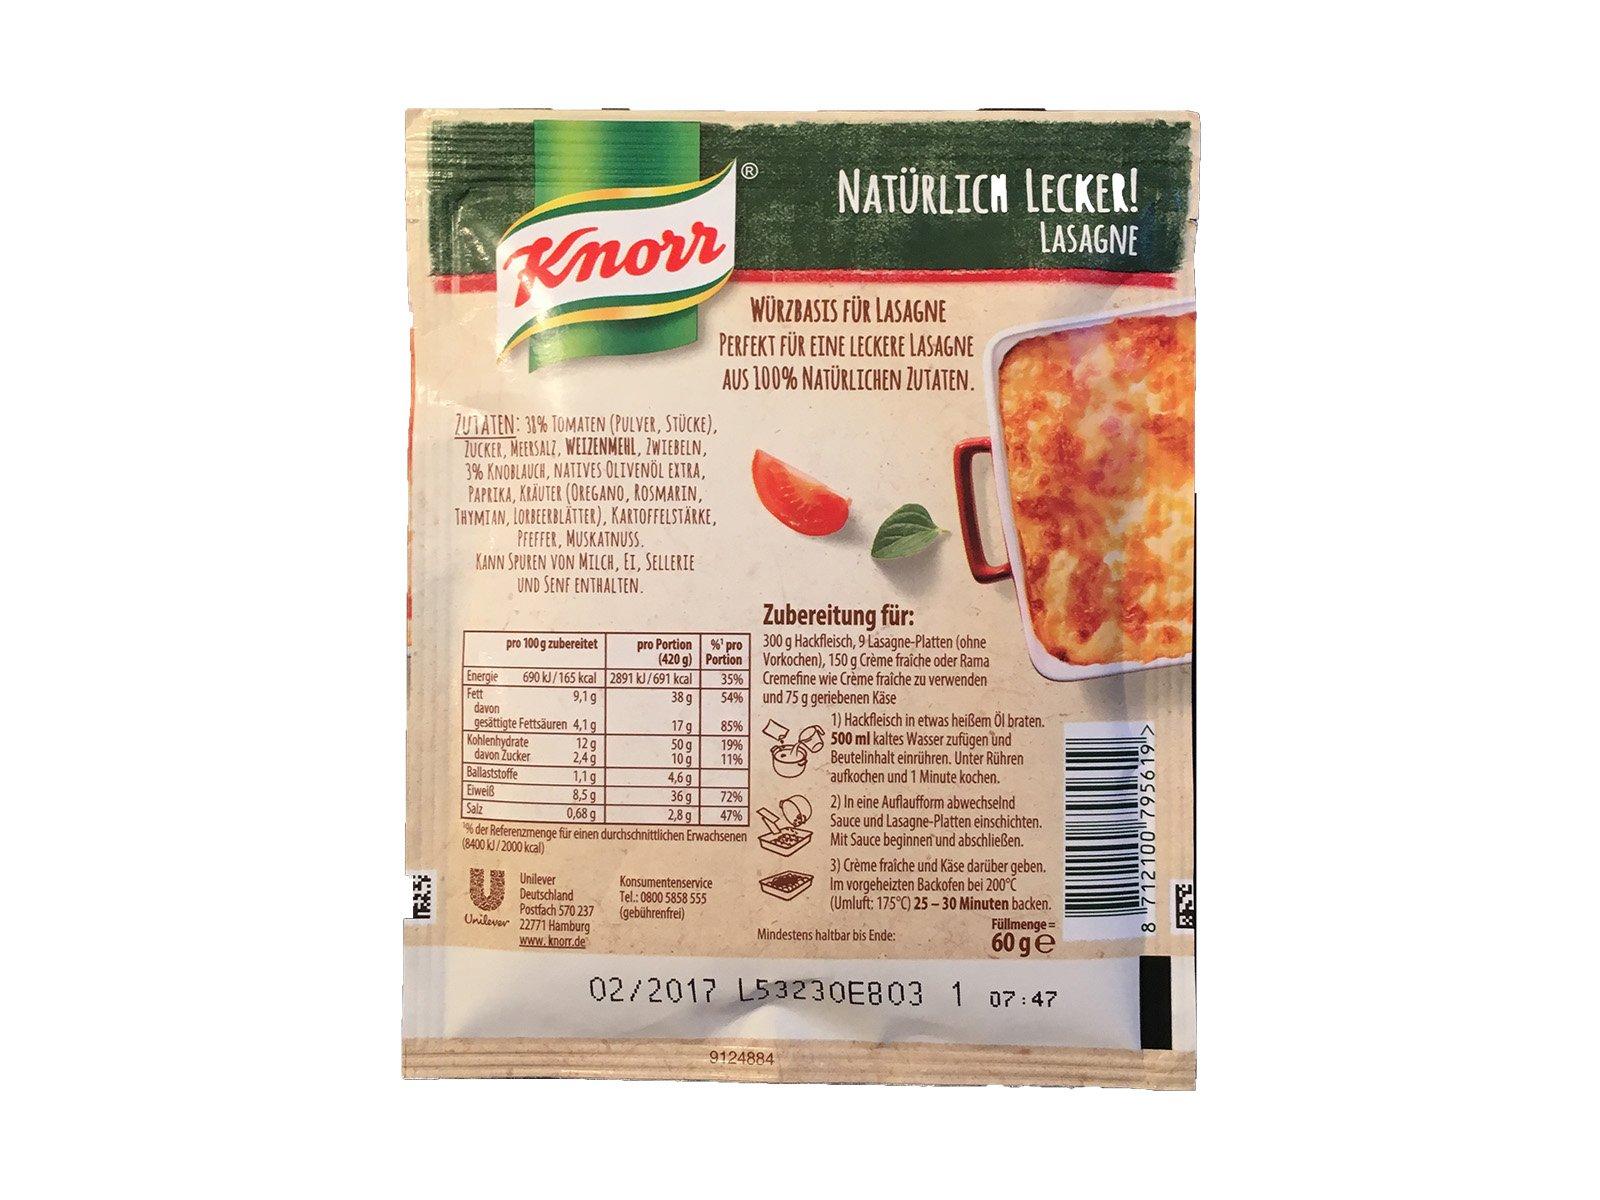 Knorr Natürlich Lecker Lasagne